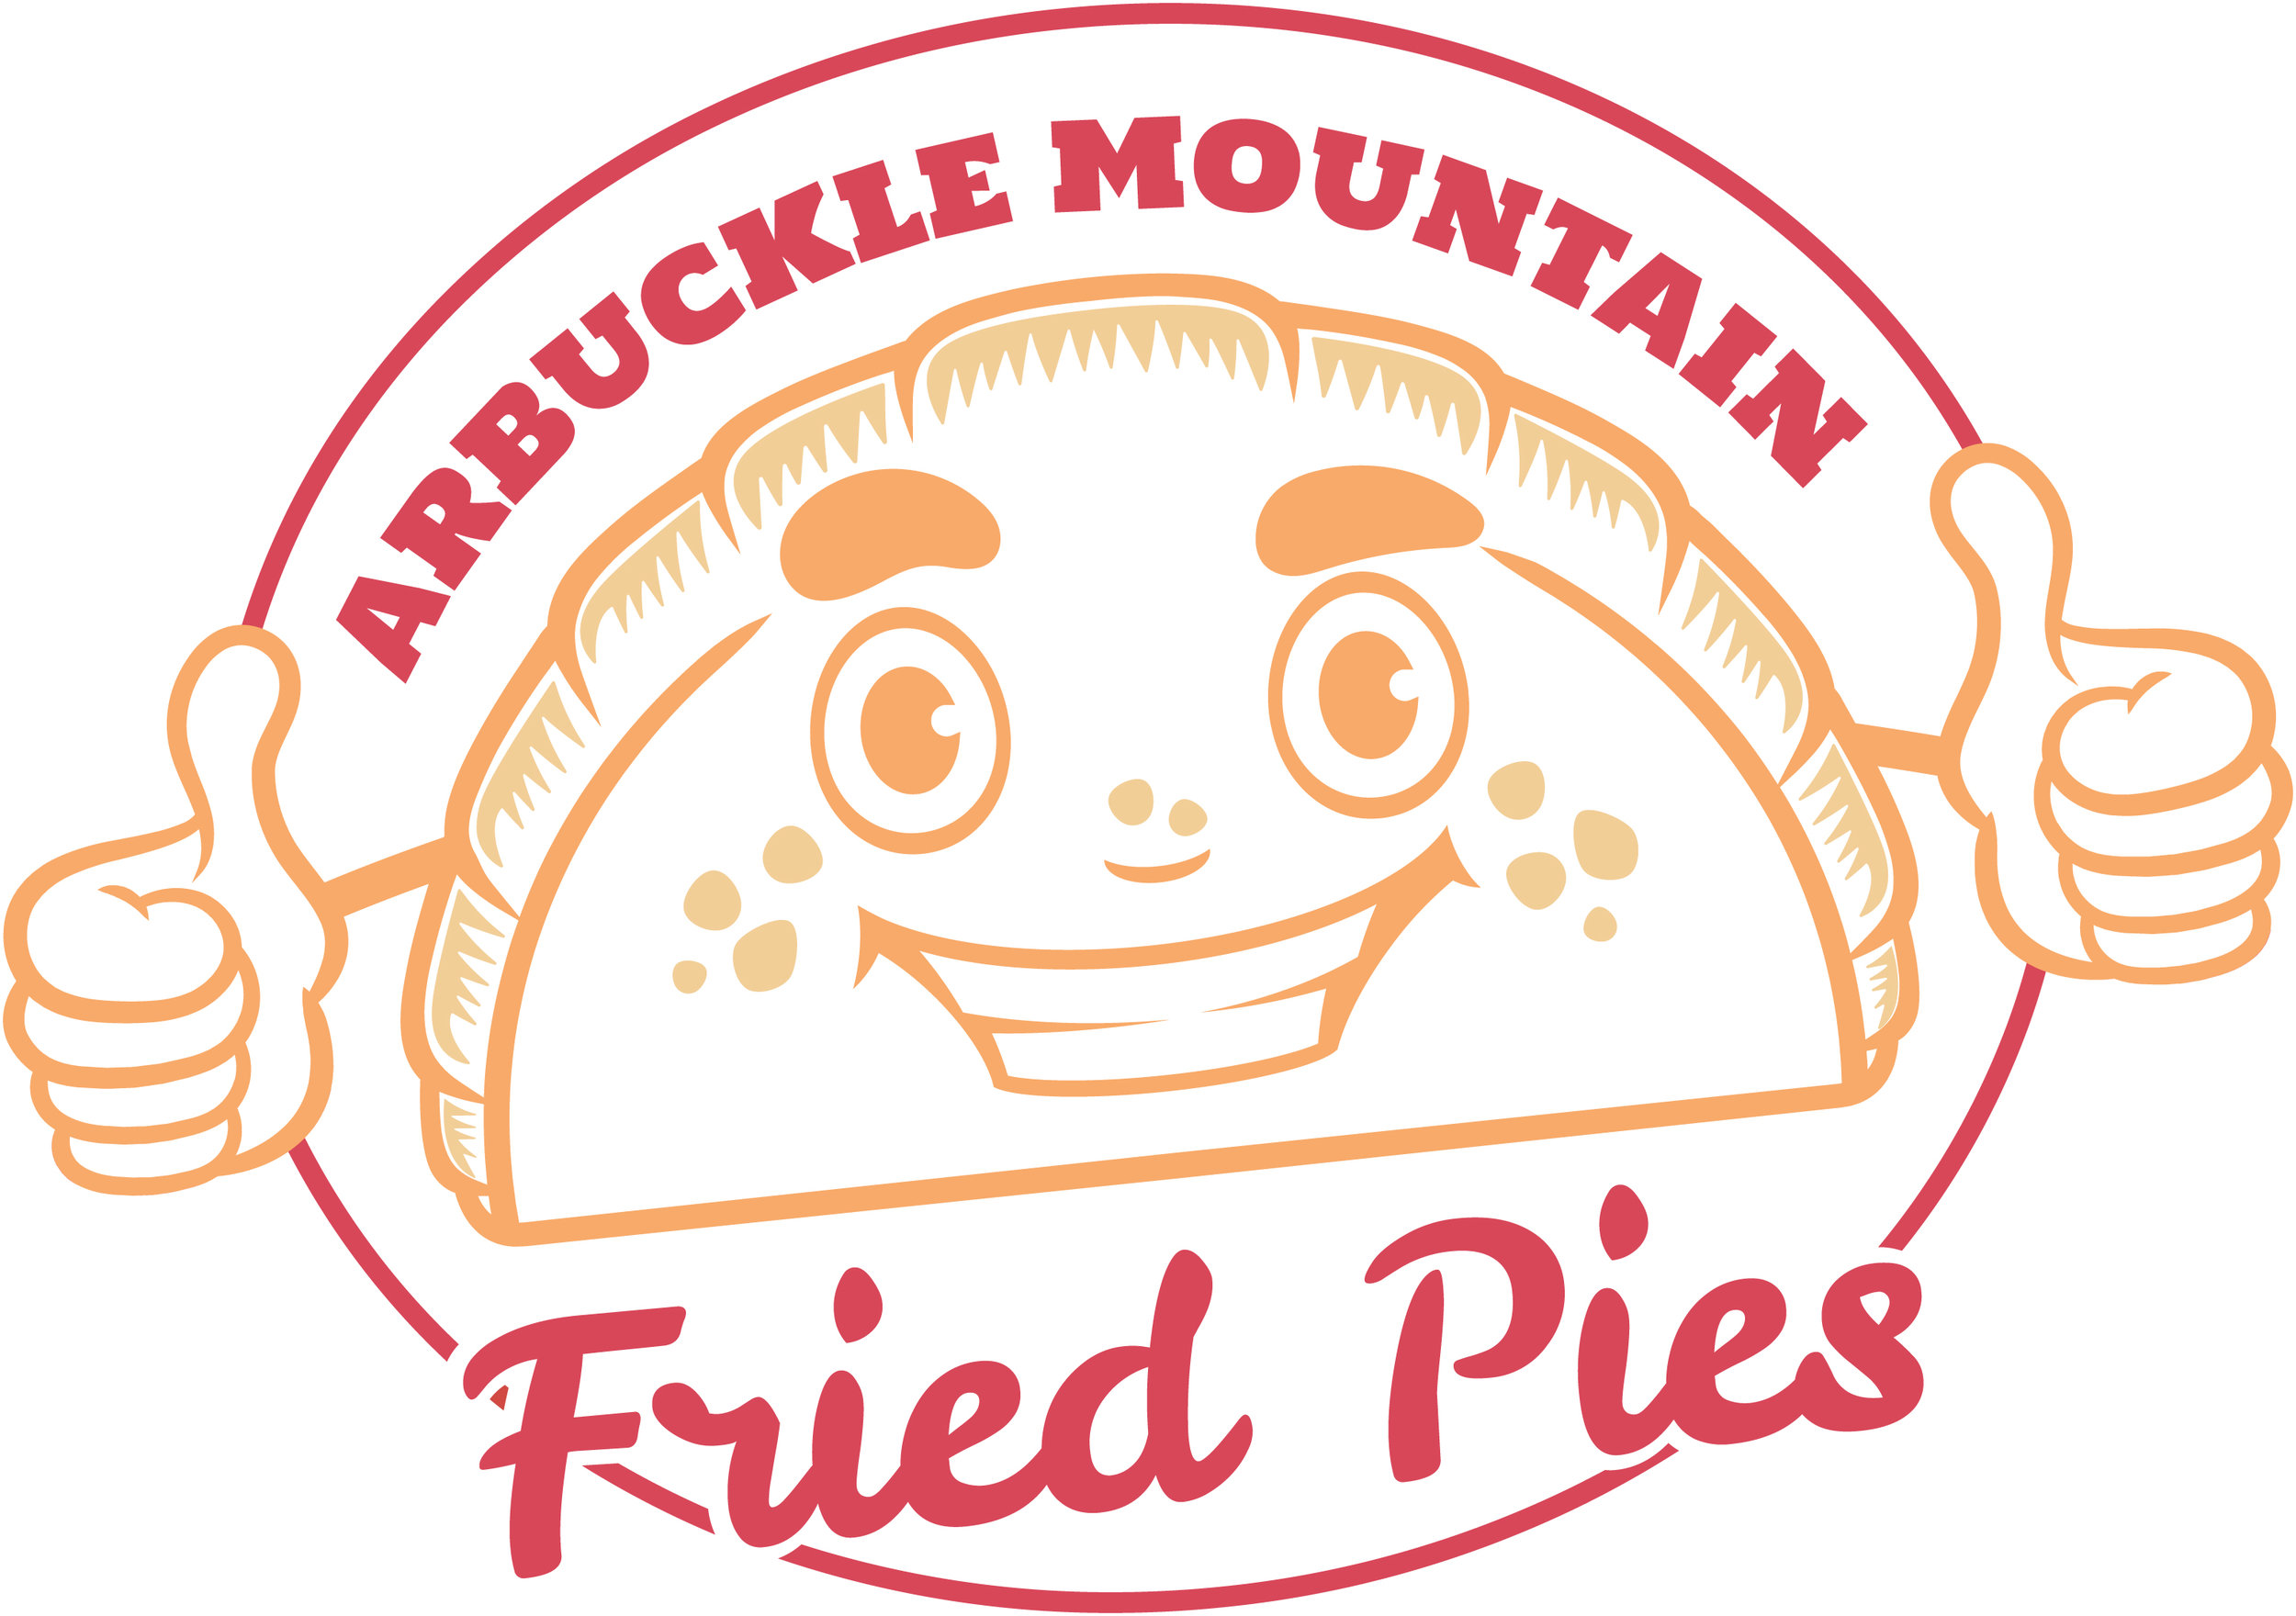 www_arbucklemountainfriedpies.jpg